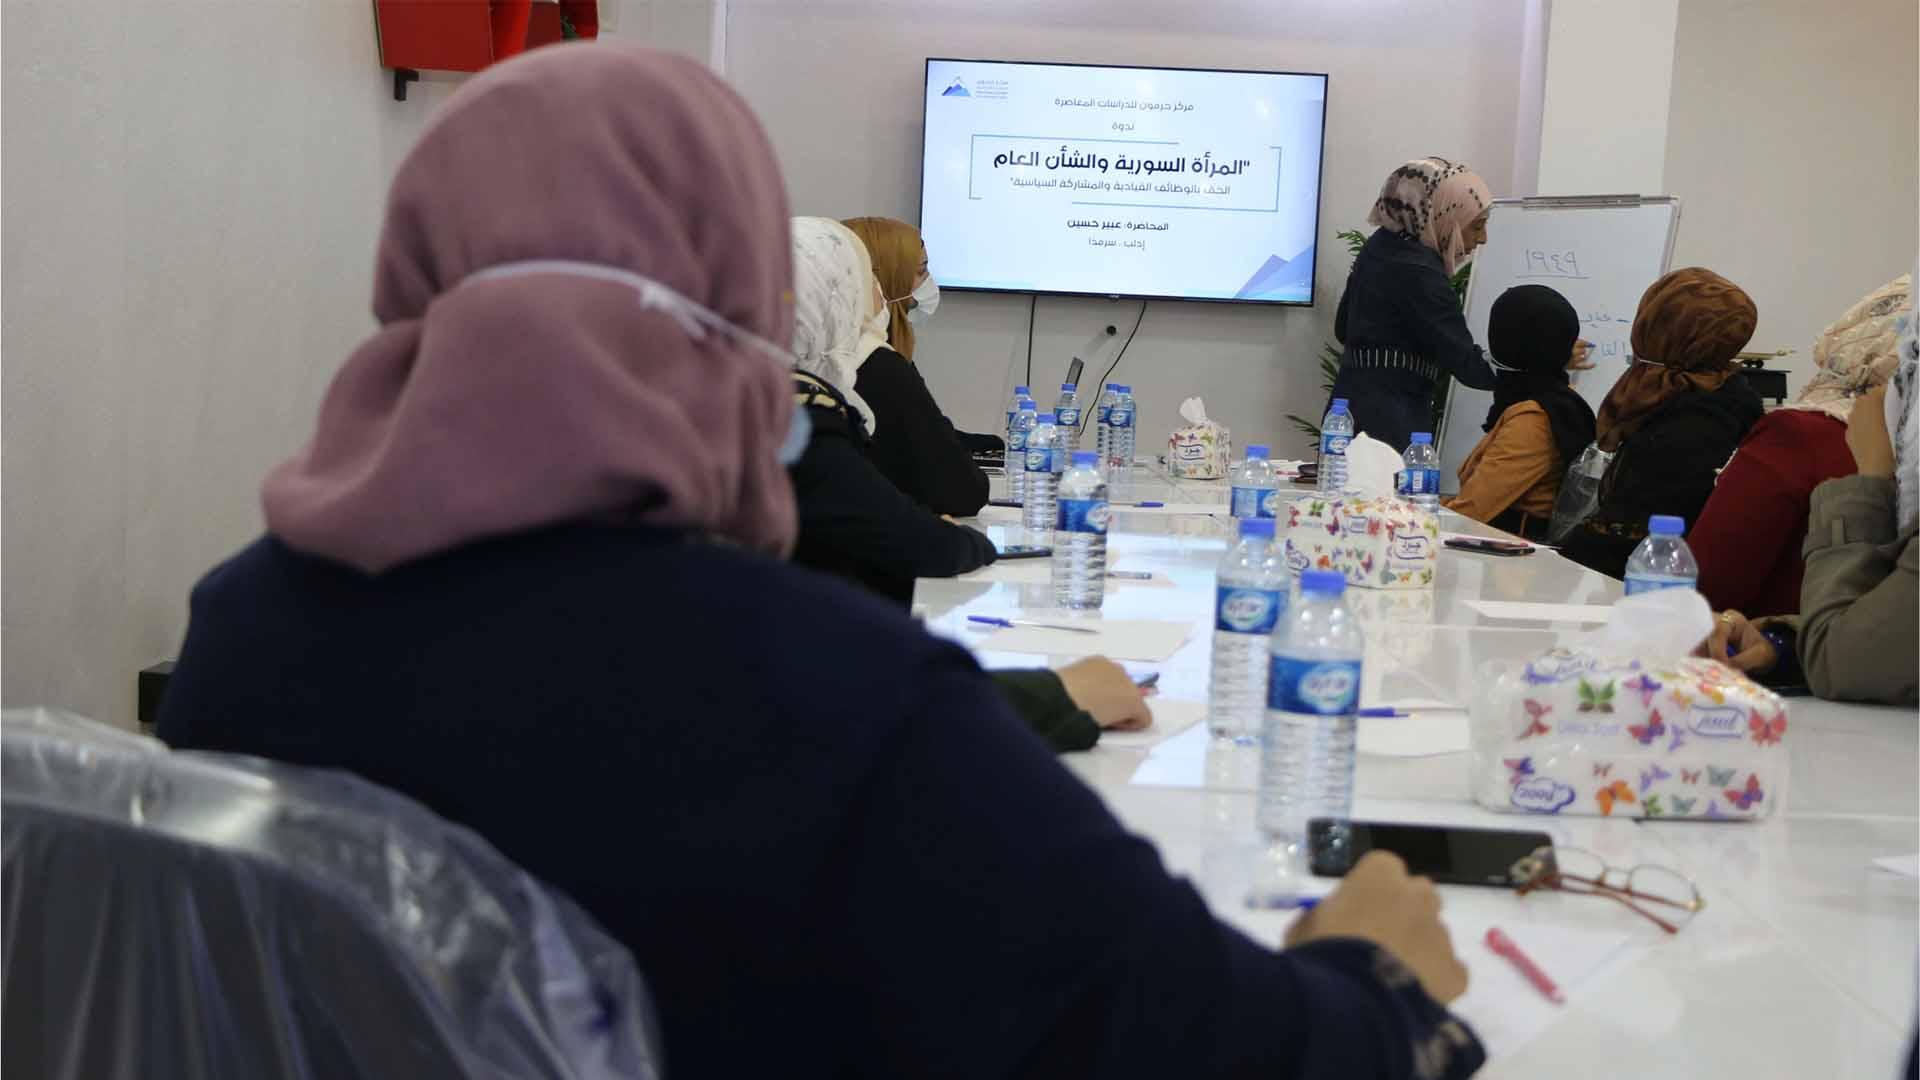 ندوة لحرمون في سرمدا حول المرأة السورية والمشاركة السياسية